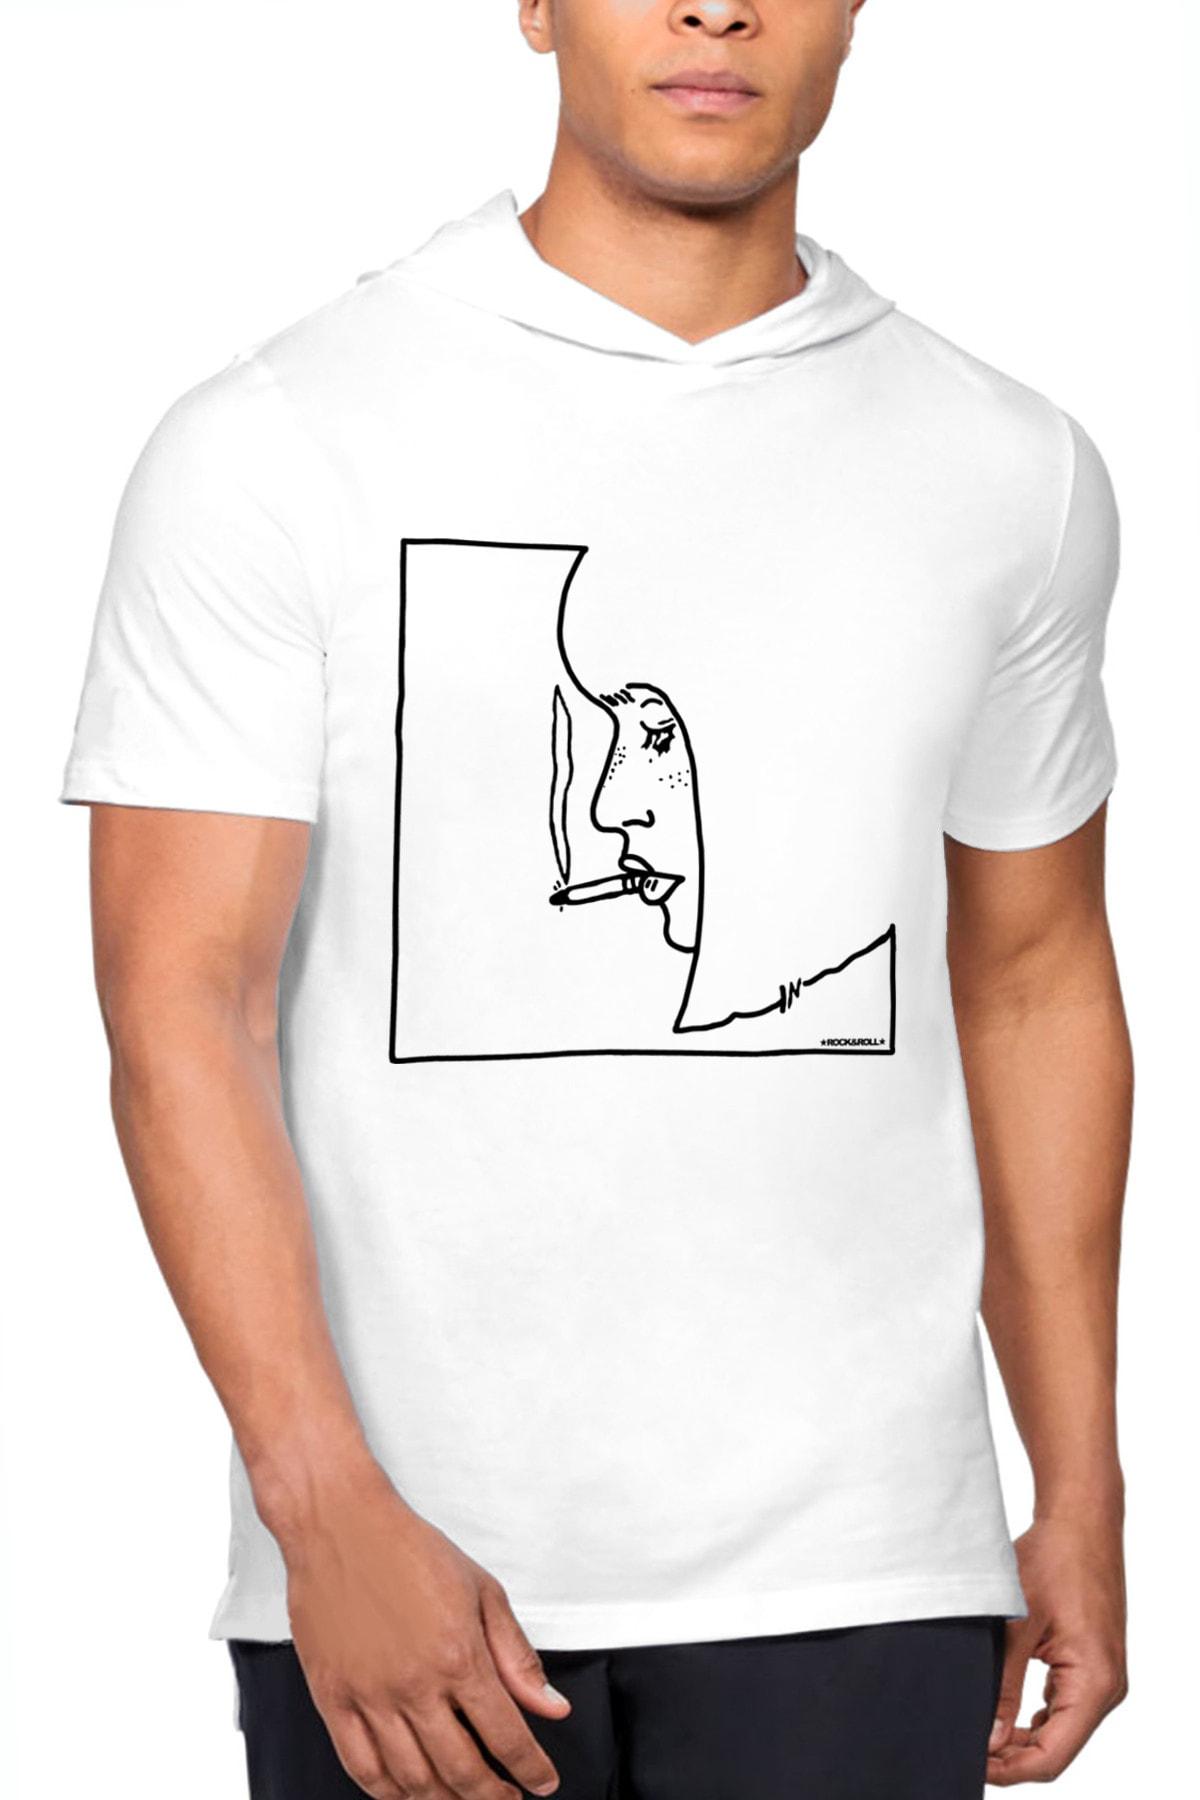 Rock & Roll34 Profil Kız Beyaz Kapşonlu Kısa Kollu Erkek T-shirt